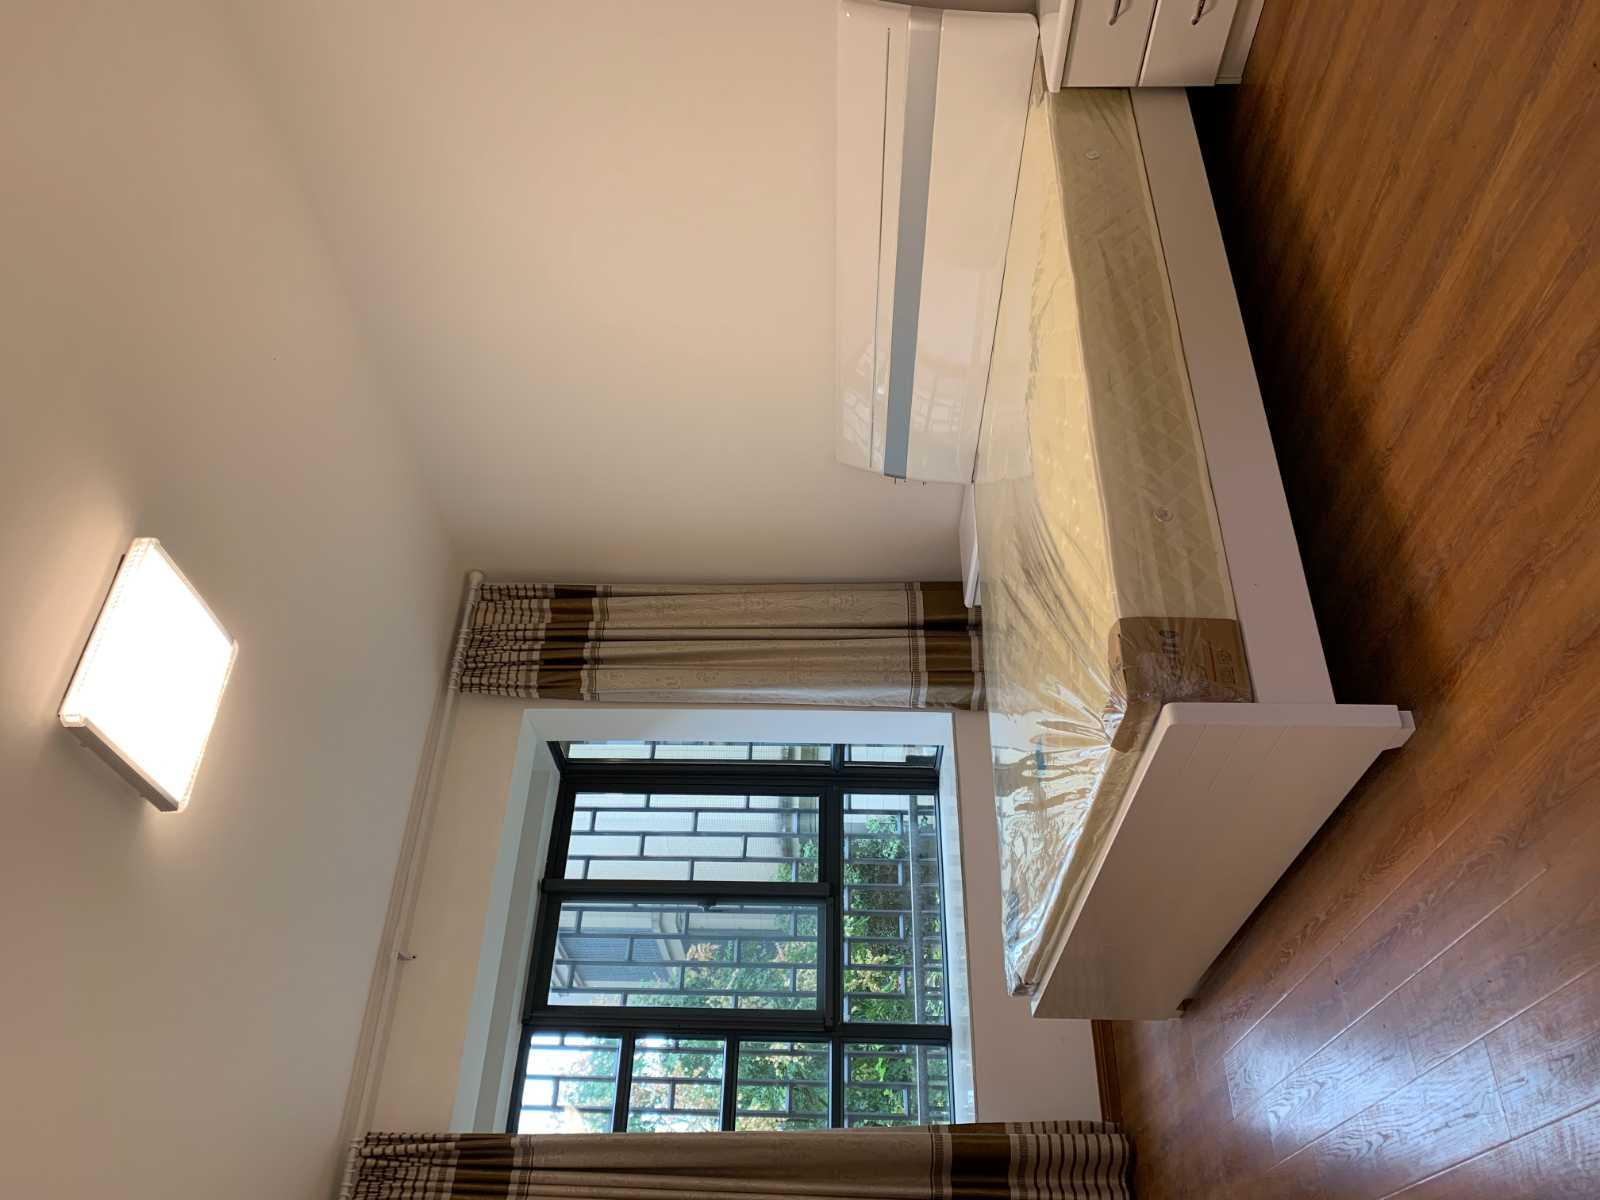 A10122出租云溪香山架1楼,90平,2室2厅1卫,精装修,有一车棚,租金2300元/月的实拍照片